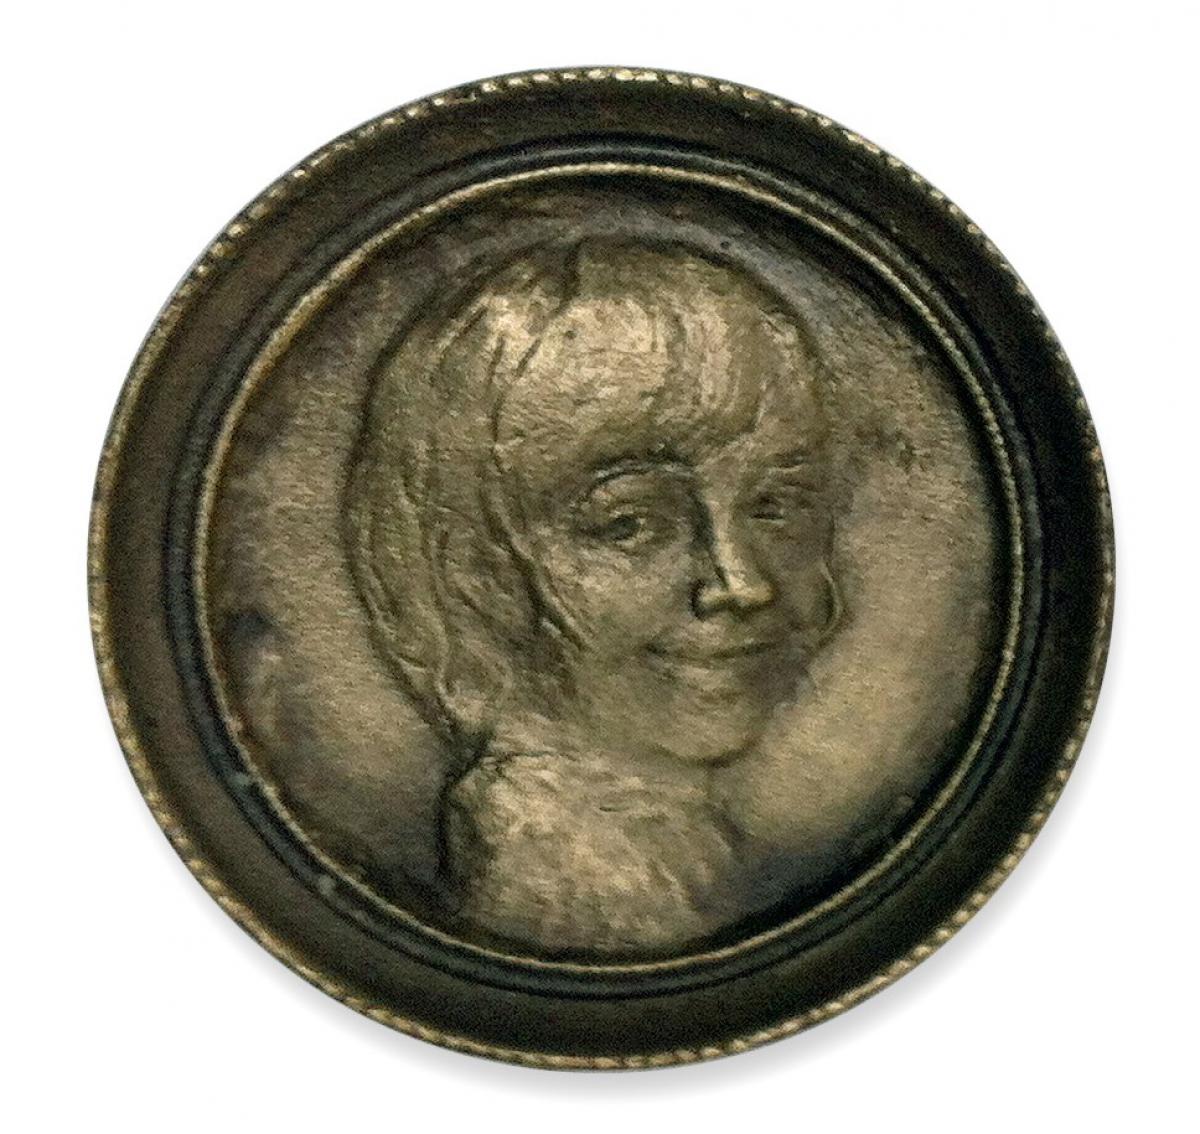 Śmiejący się Aleksander, OPUS 1723, brąz, Φ 7 cm, 2001